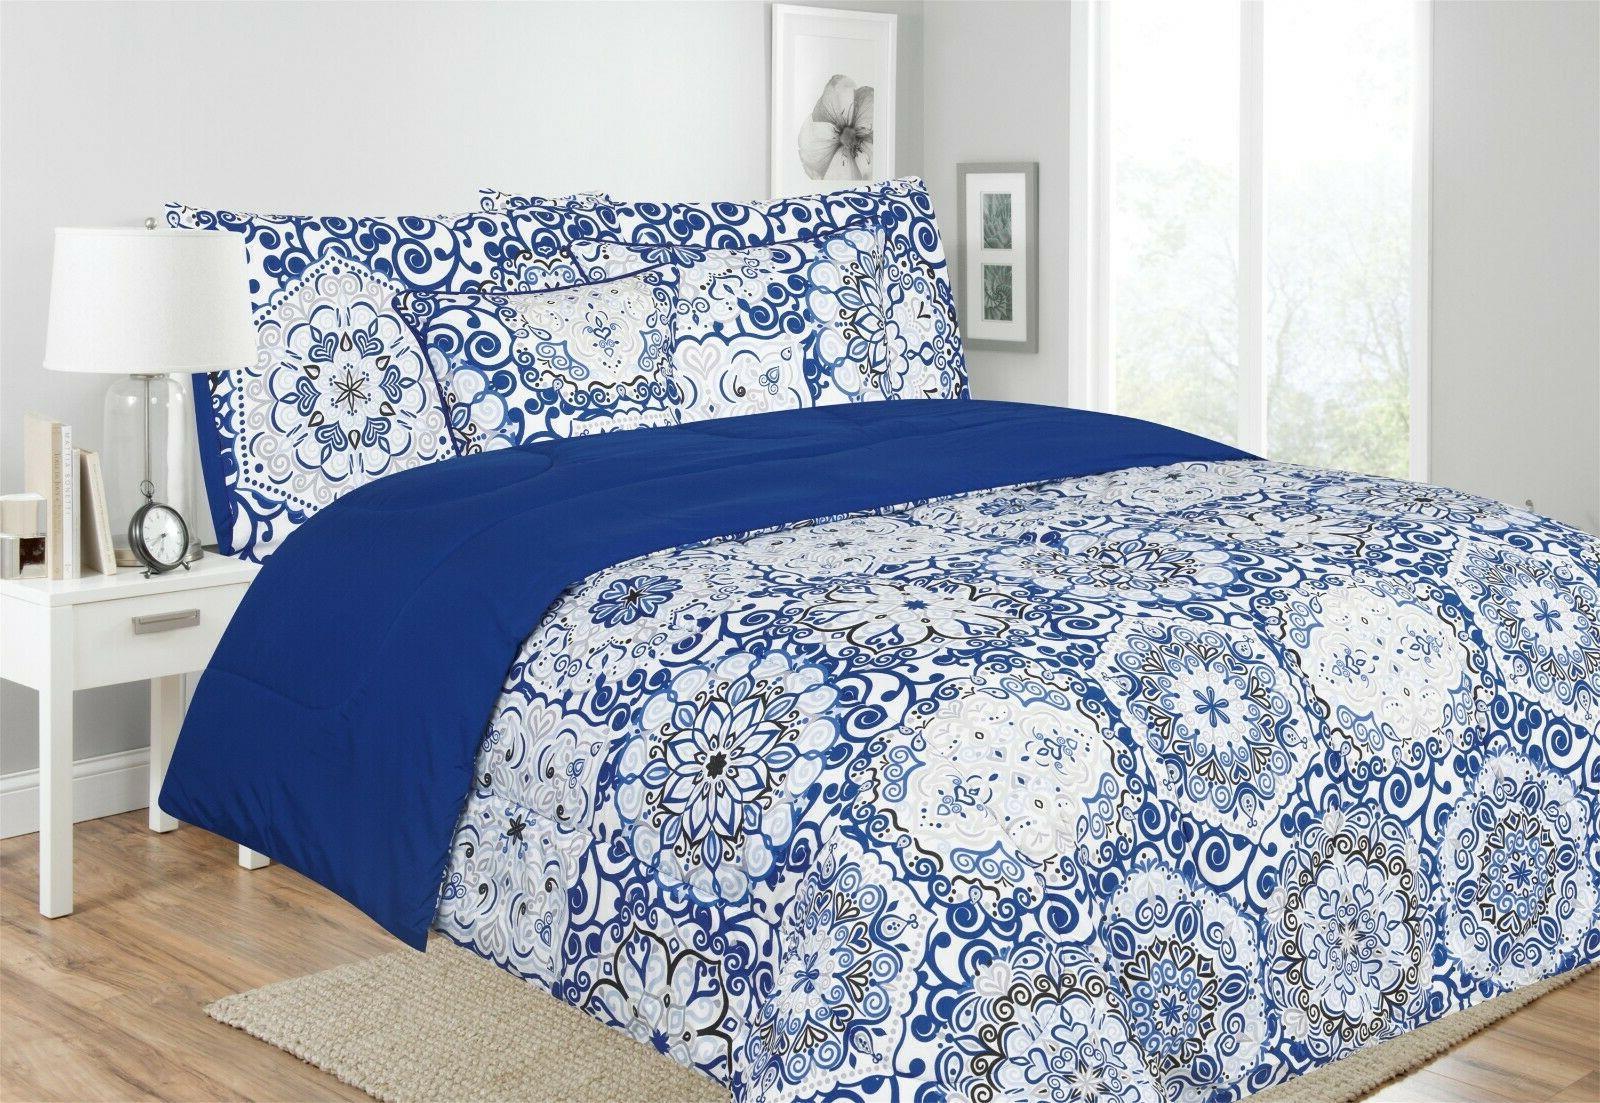 Ultra Reversible Comforter Printed